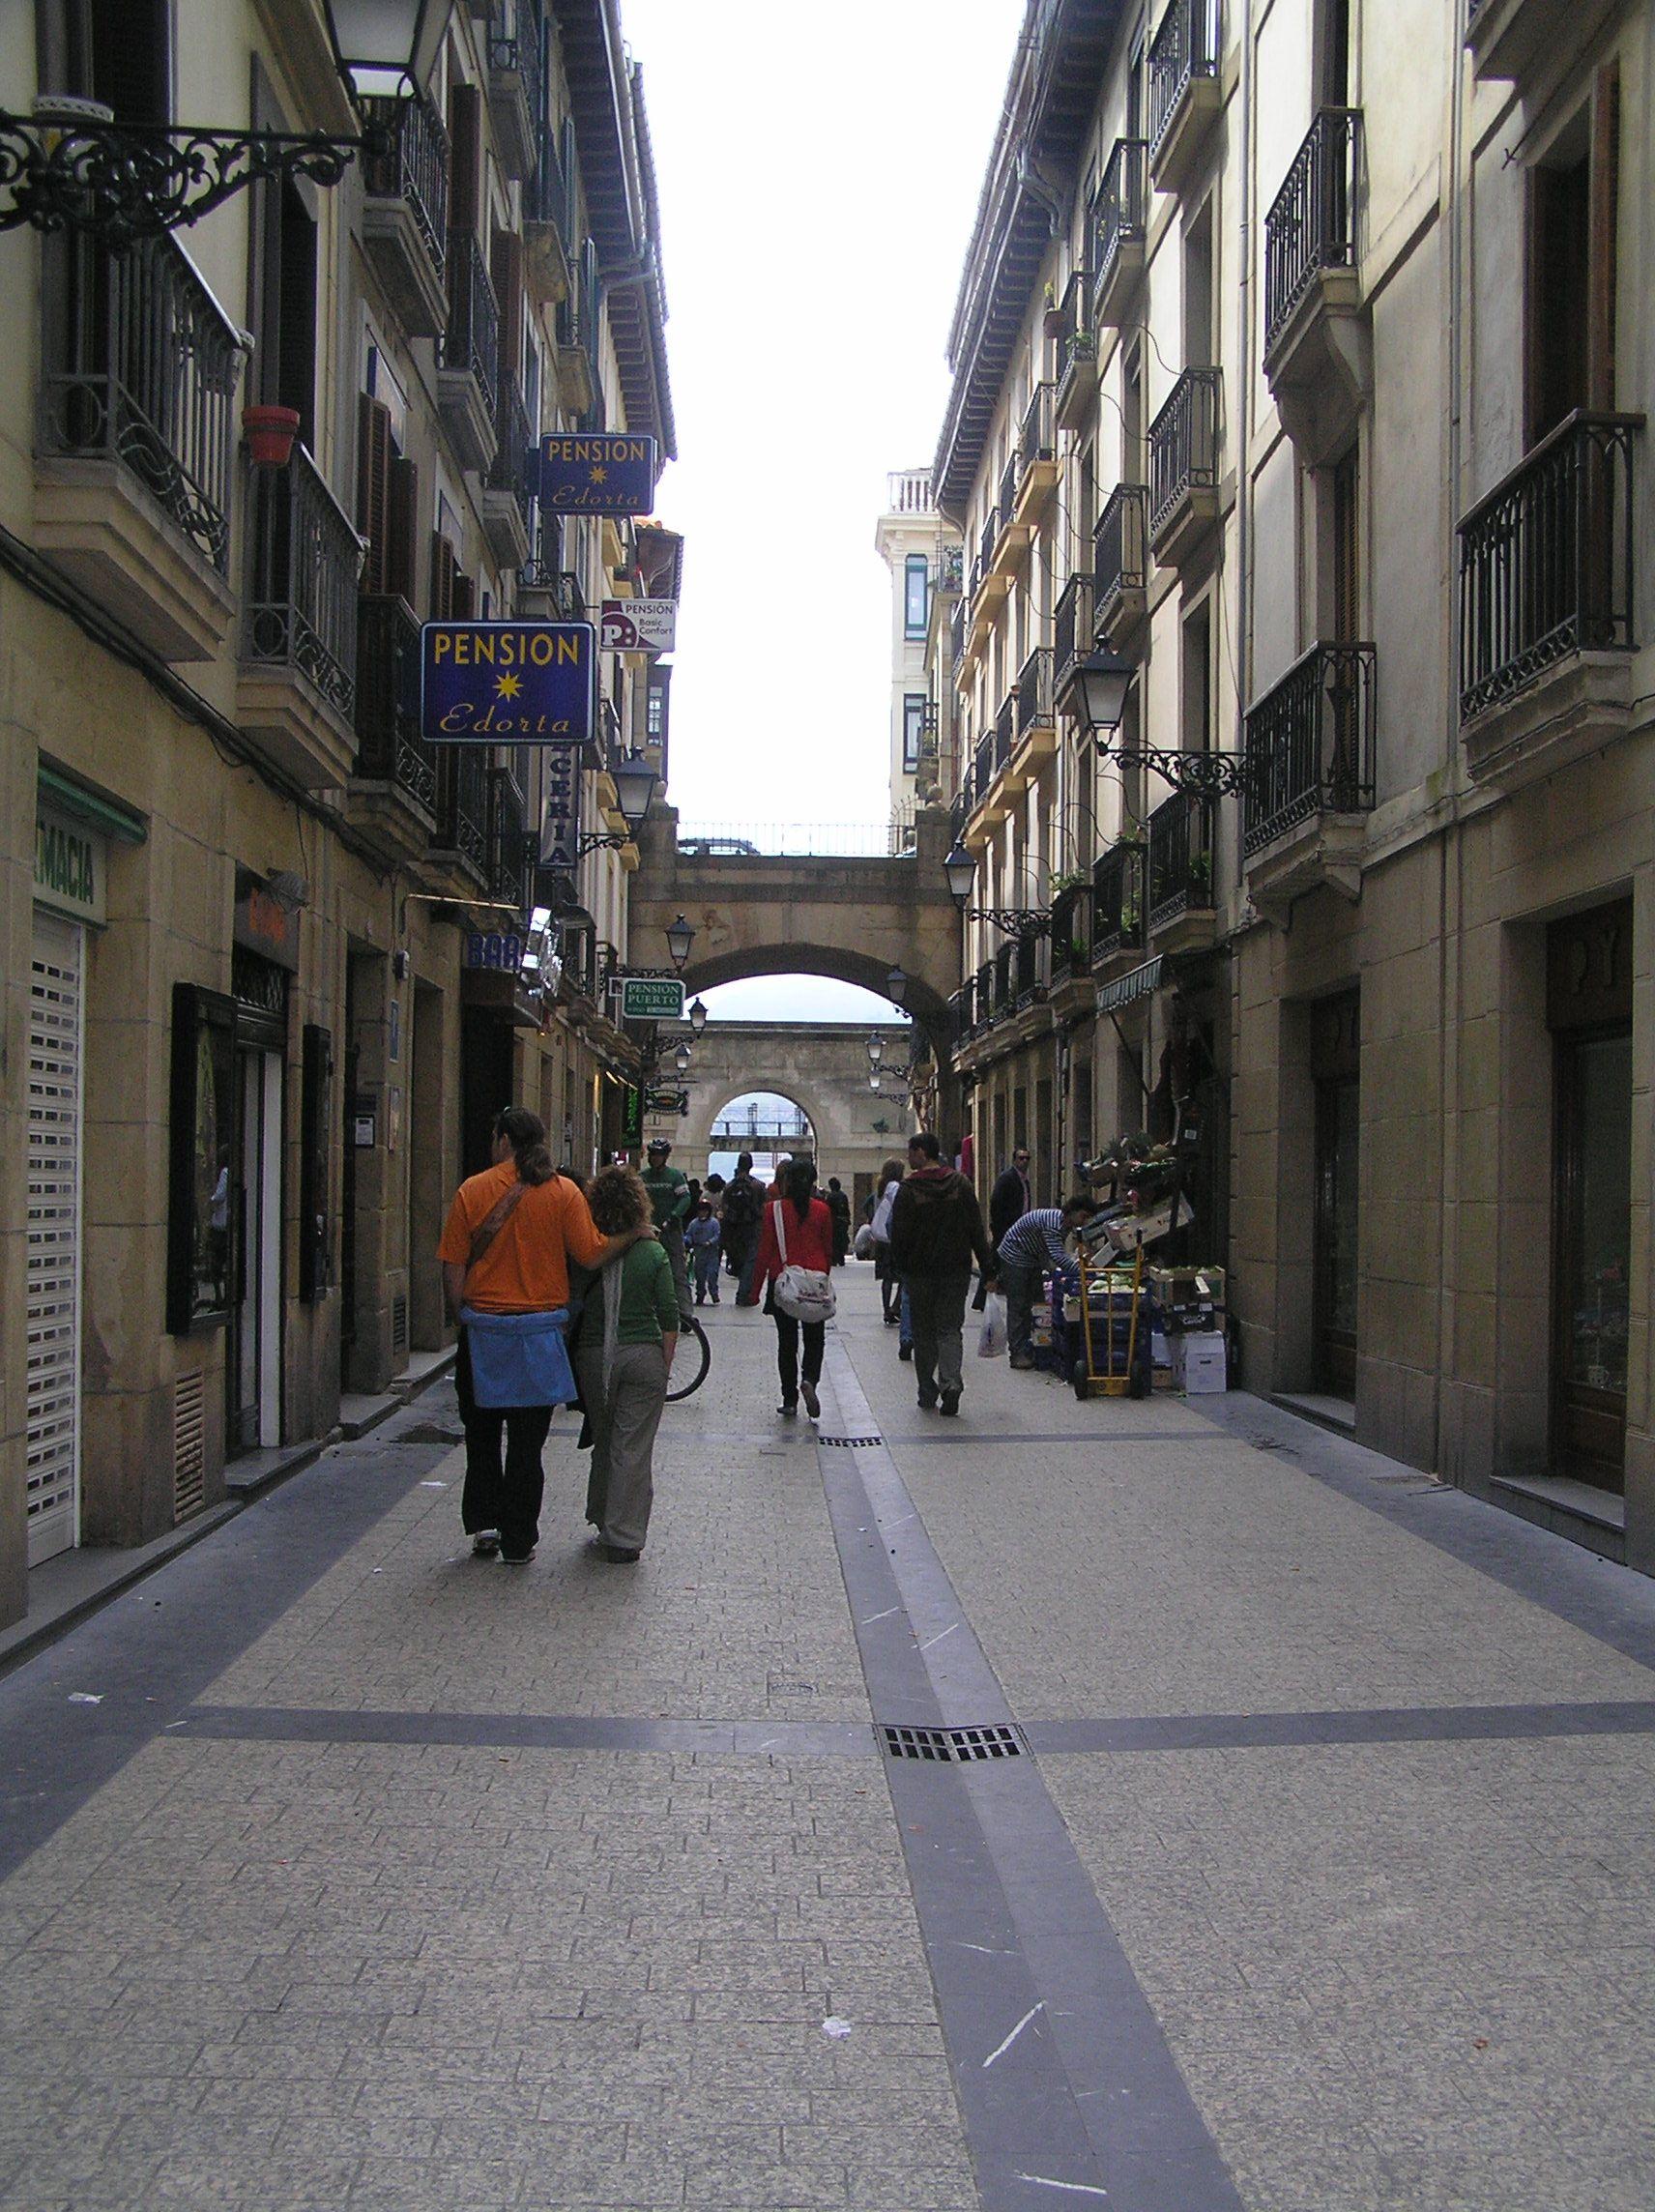 País Vasco San Sebastián Casco Antiguo País Vasco Casco Antiguo Paises